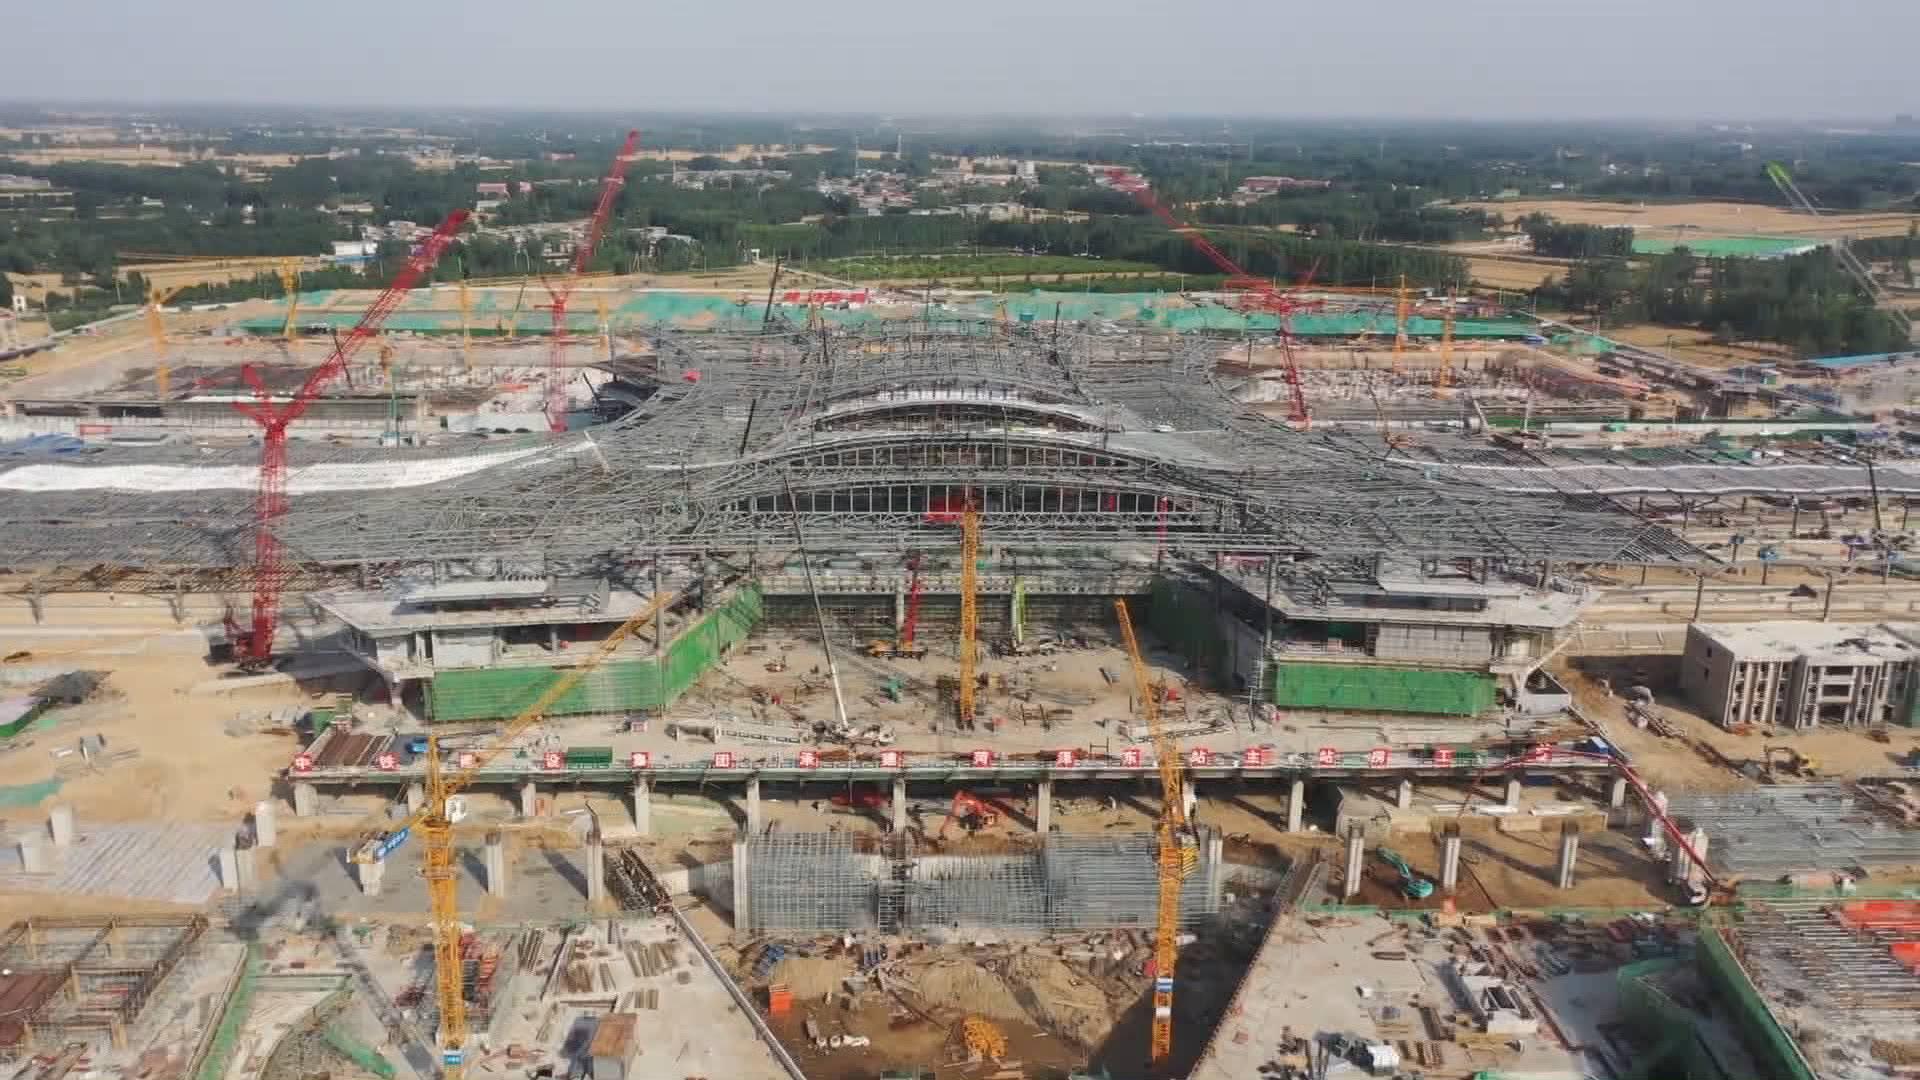 封顶了!菏泽东站钢结构网架从开工到完成仅用时80天,鲁南高铁西段预计10月底前全部结束